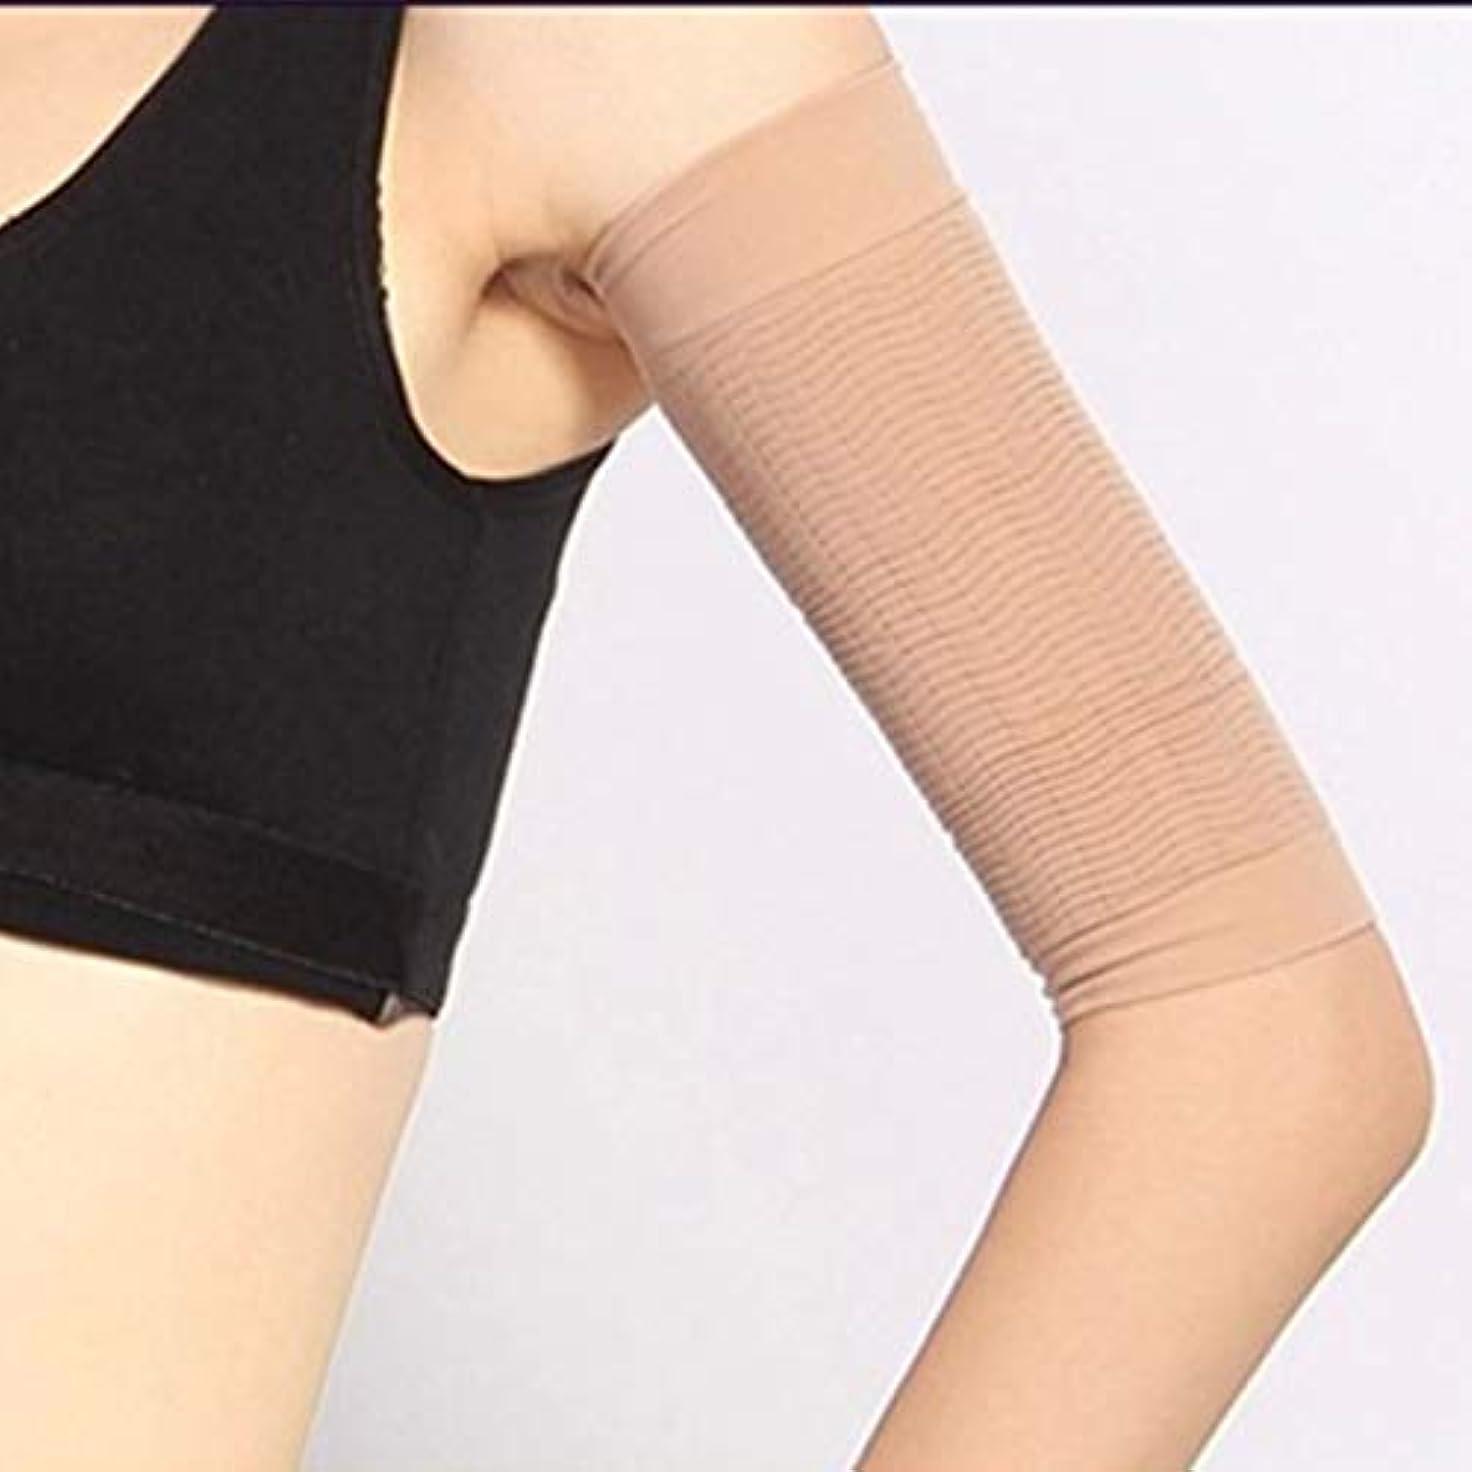 無駄な広く塩辛い1ペア420 D圧縮痩身アームスリーブワークアウトトーニングバーンセルライトシェイパー脂肪燃焼袖用女性 - 肌色